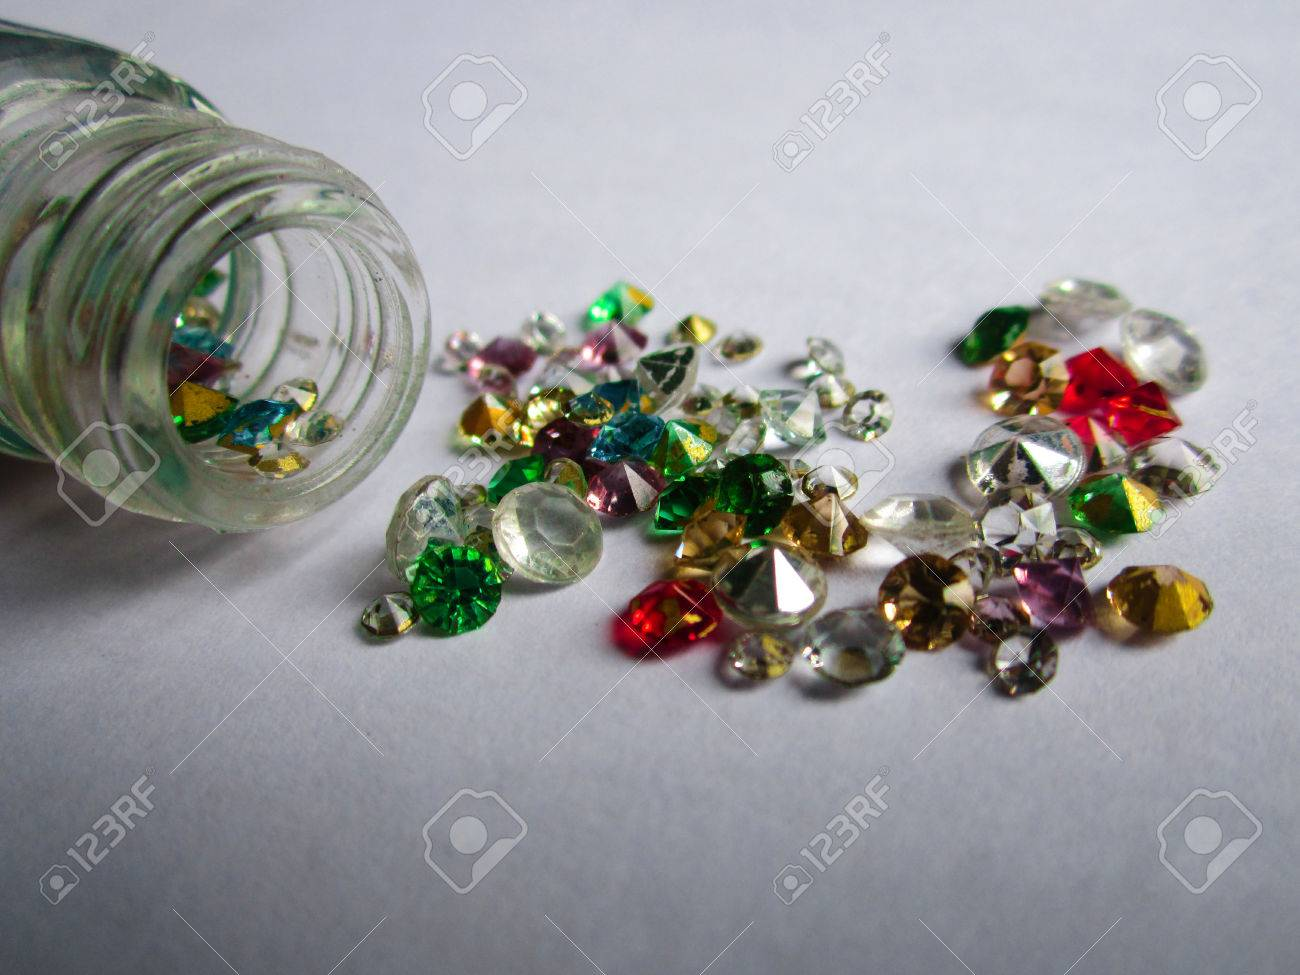 super populaire 09b8d 1b67e Pierres précieuses colorées de bijoux de Hd, pierre de bijoux, pierres de  naissance - vert, rouge, blanc, or, bleu